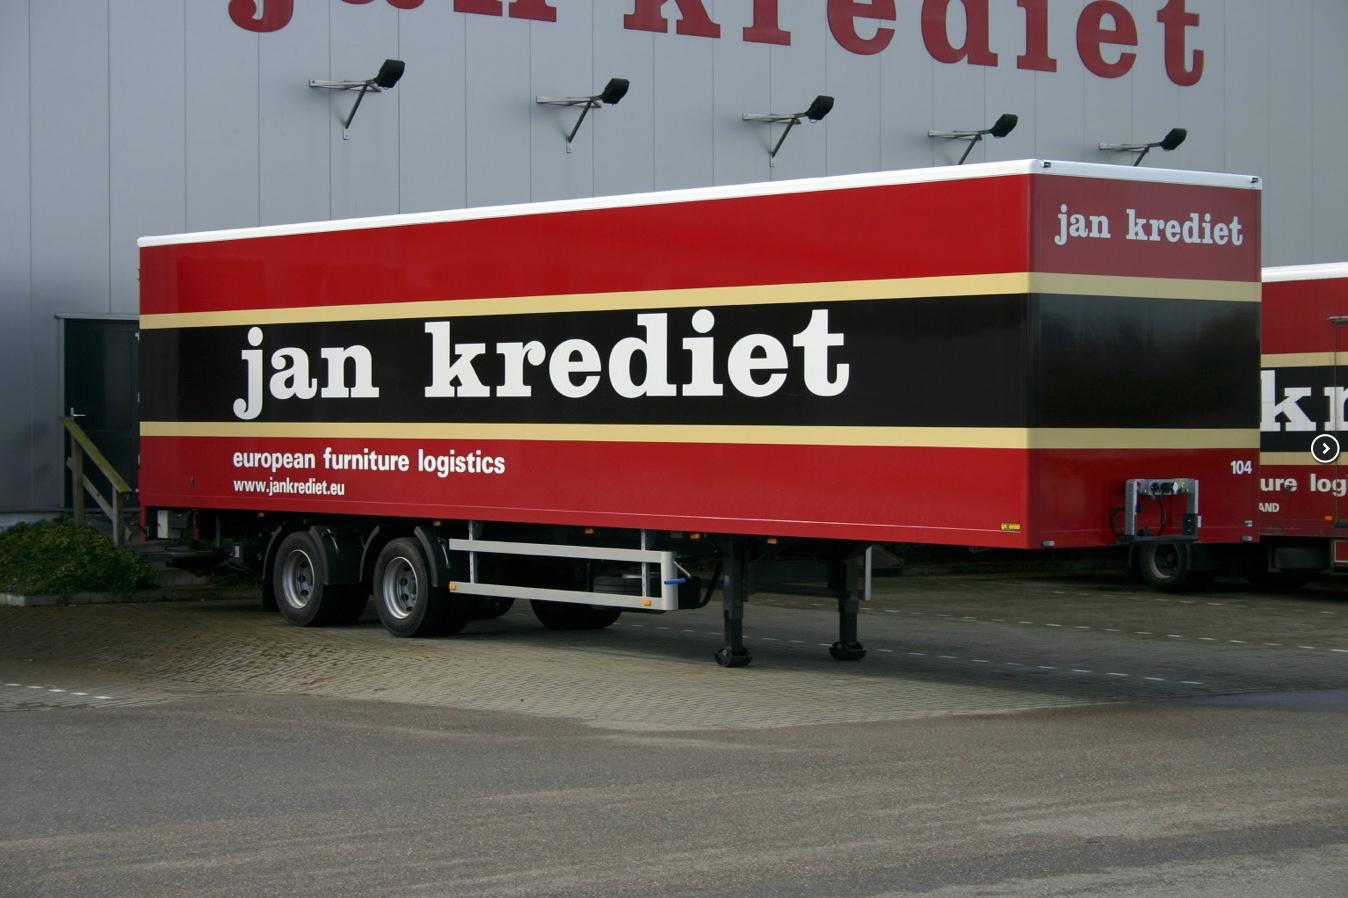 Jan krediet meubilair vervoer gesloten carrosserie- 500kb.jpg